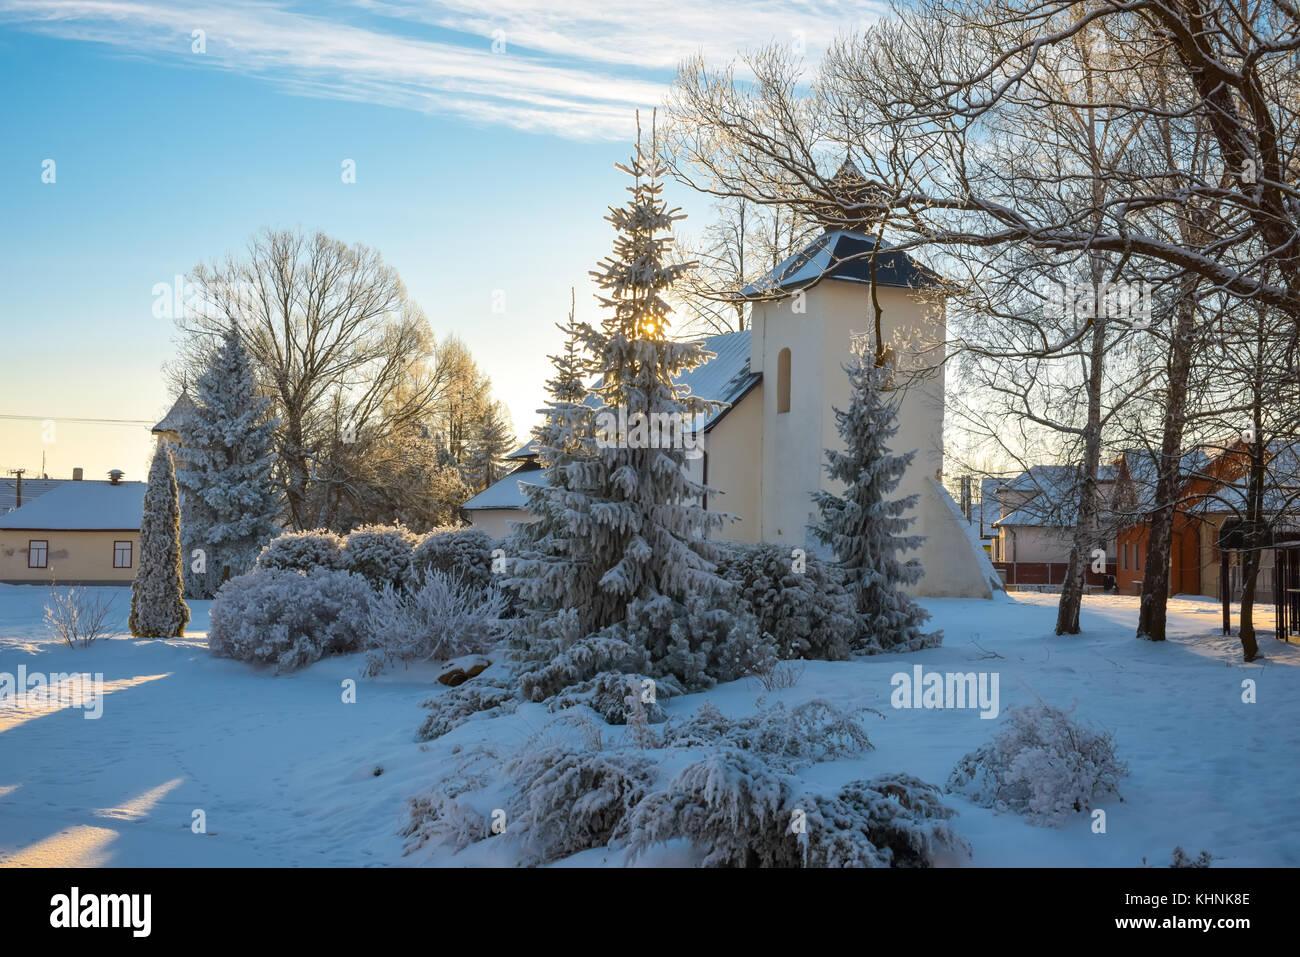 Schöne Winterlandschaft in europäischen Dorf. Frohes Neues Jahr ...